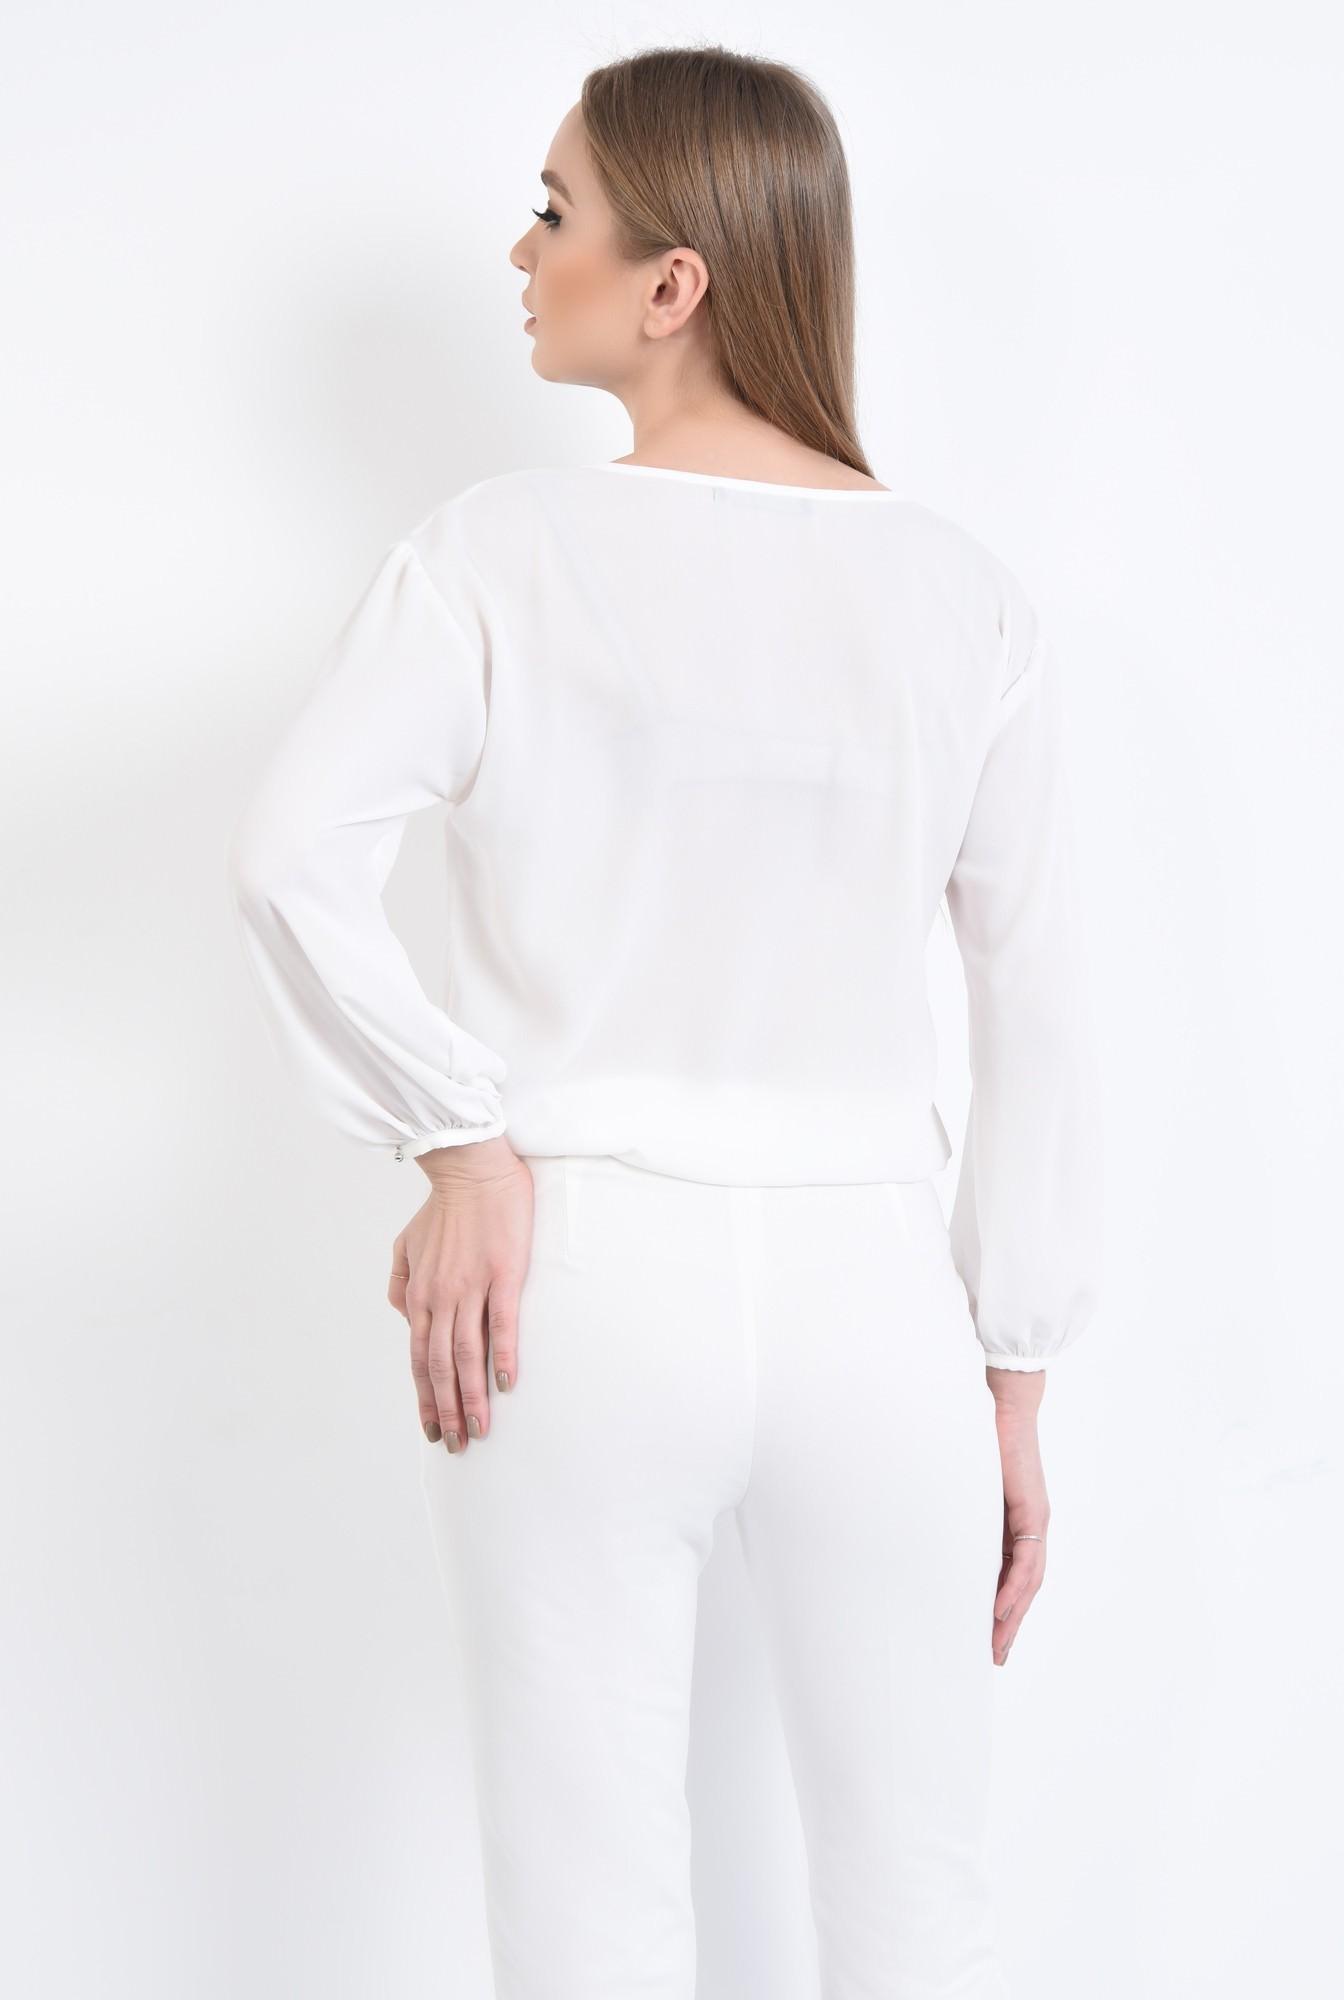 1 - Bluza casual, alb, maneci lungi